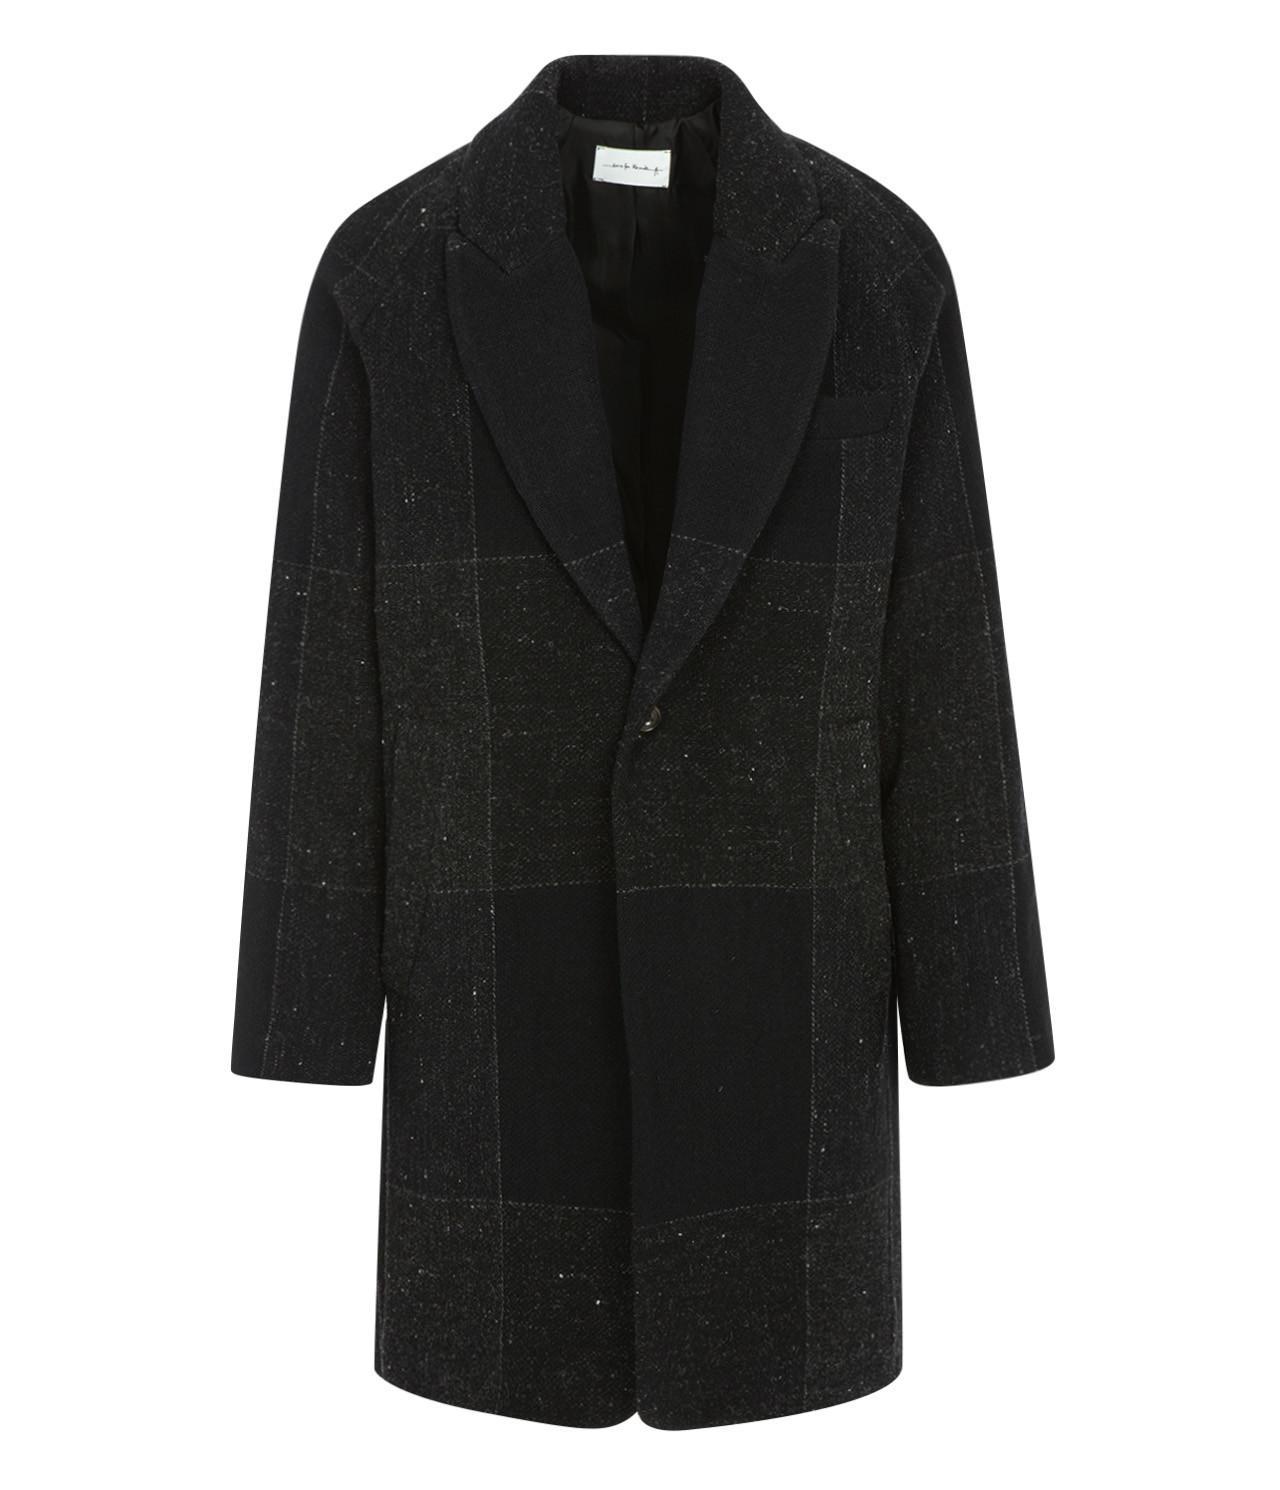 Lyst - Song for the mute Oversized Raglan Coat in Black for Men